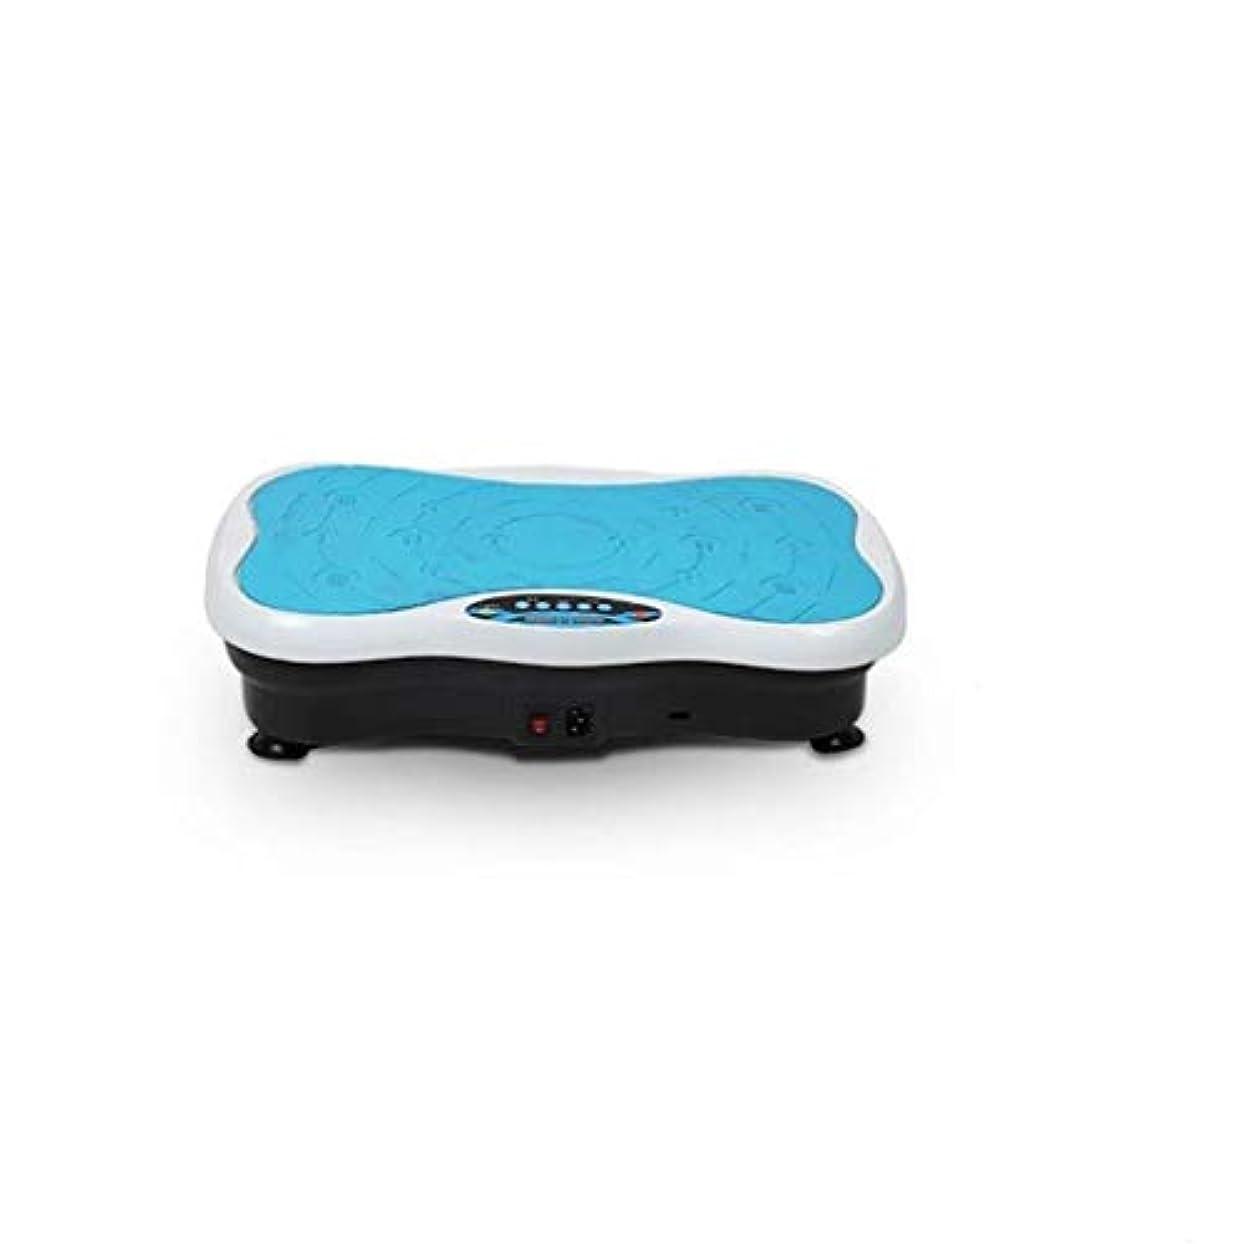 急流パドル衣服3D電気減量マシン、振動フィットネストレーナー、ホームオフィスの脂肪燃焼マッサージ装置 (Color : 青)